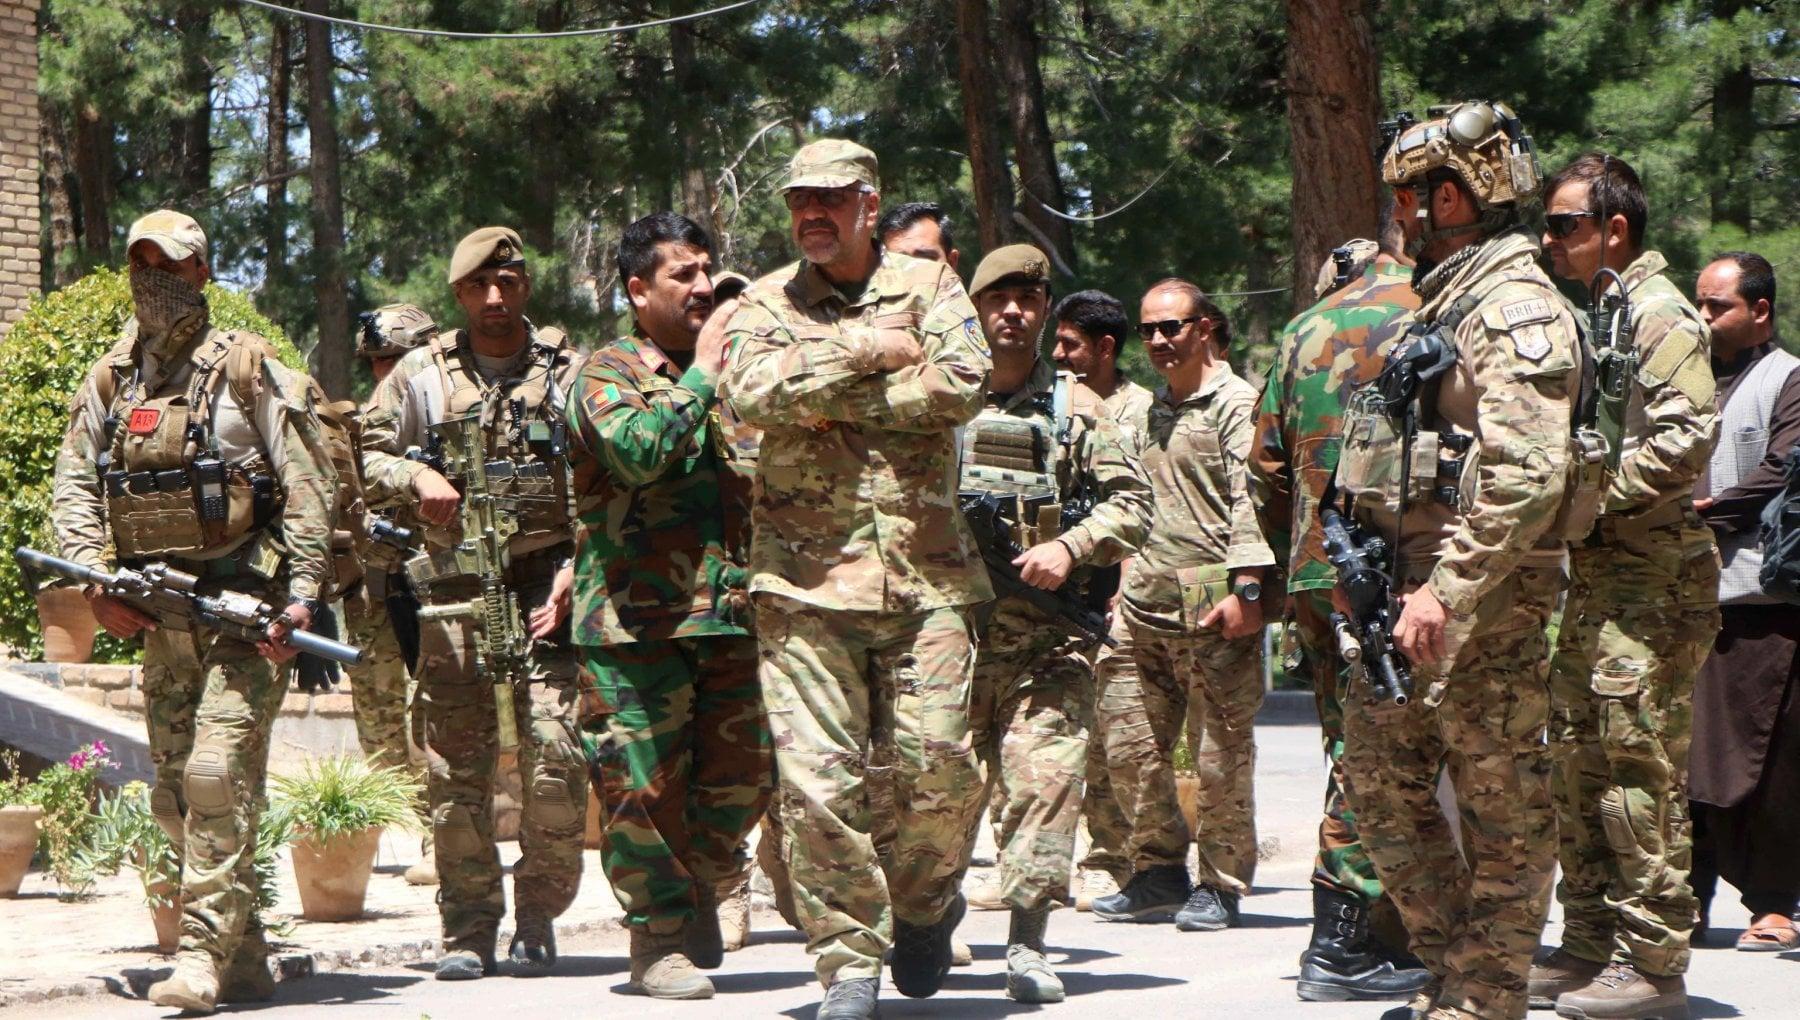 103622535 45fcbeec 1809 4ef2 b3d6 7196b8ea9f58 - Talebani all'offensiva, Mosca raddoppia il contingente al confine dell'Afghanistan